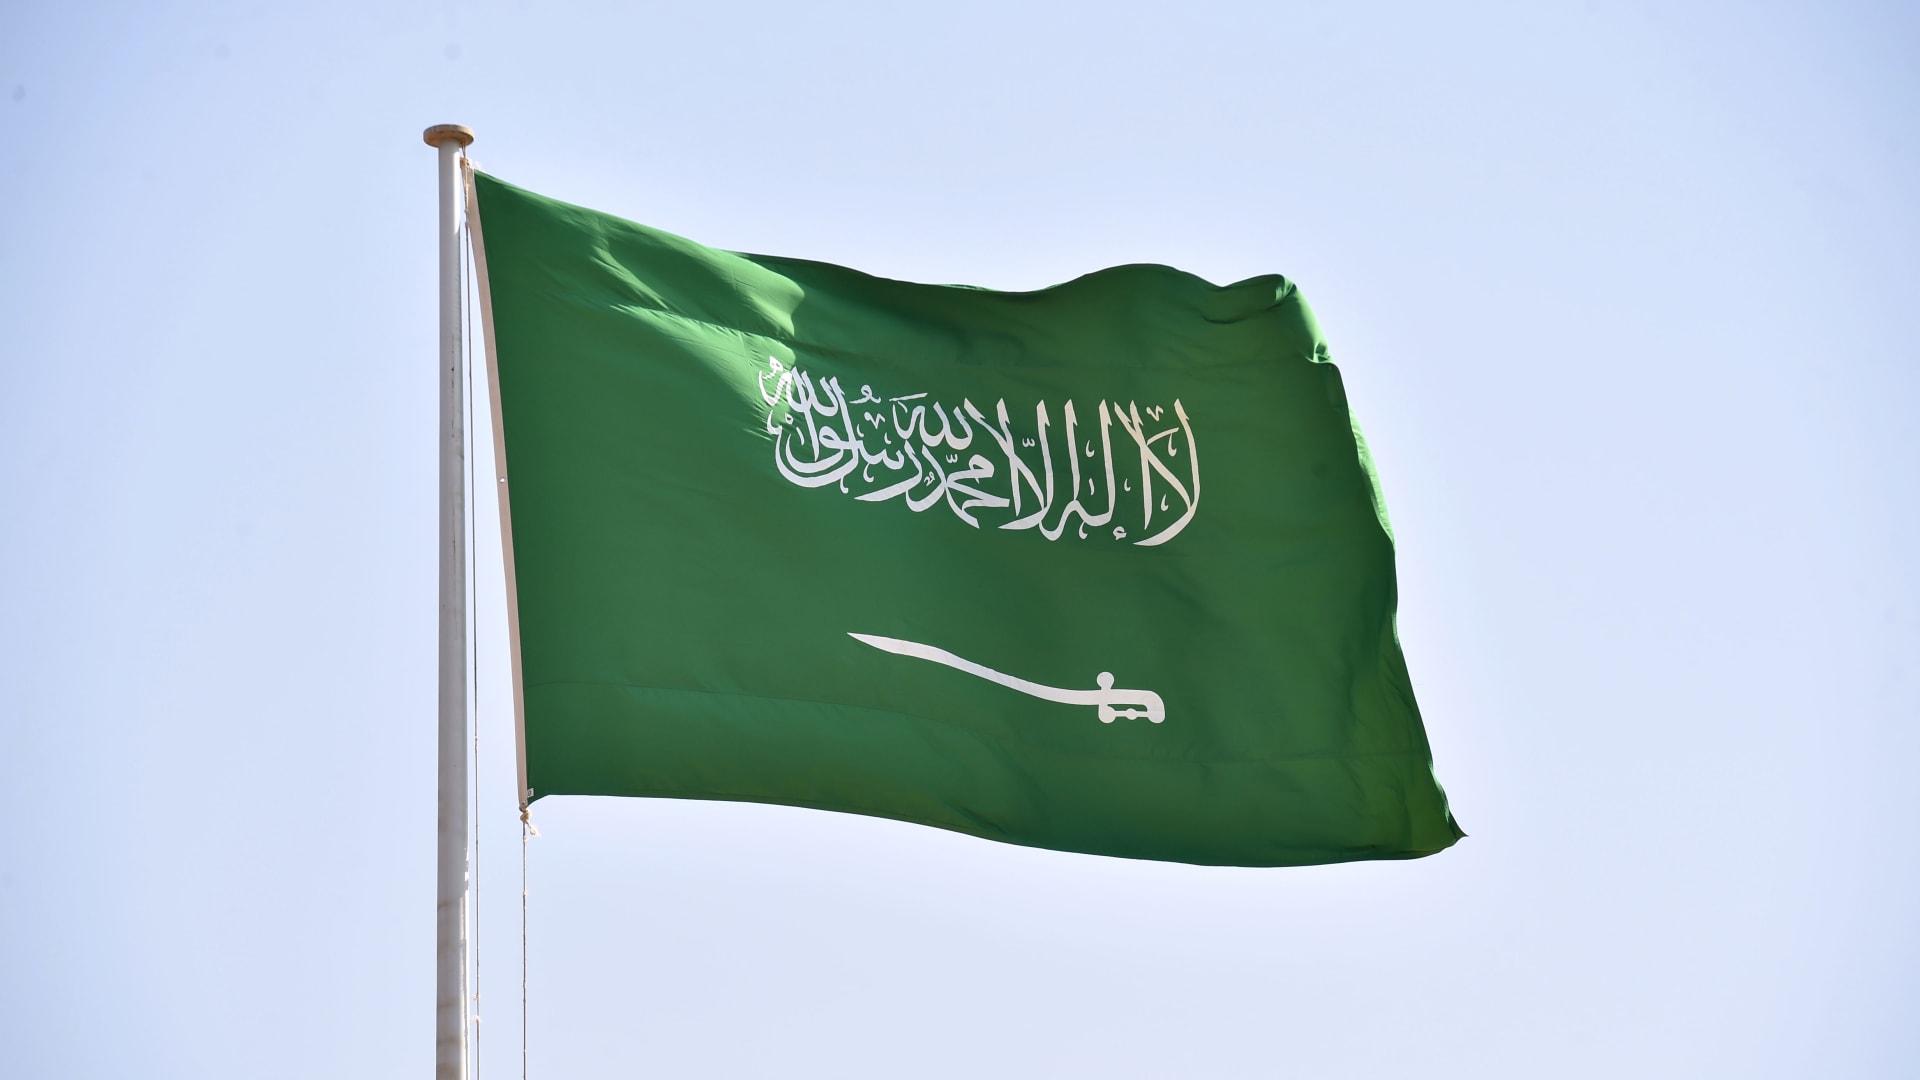 صورة تم التقاطها في 22 سبتمبر 2020 تظهر العلم الوطني السعودي في الرياض.